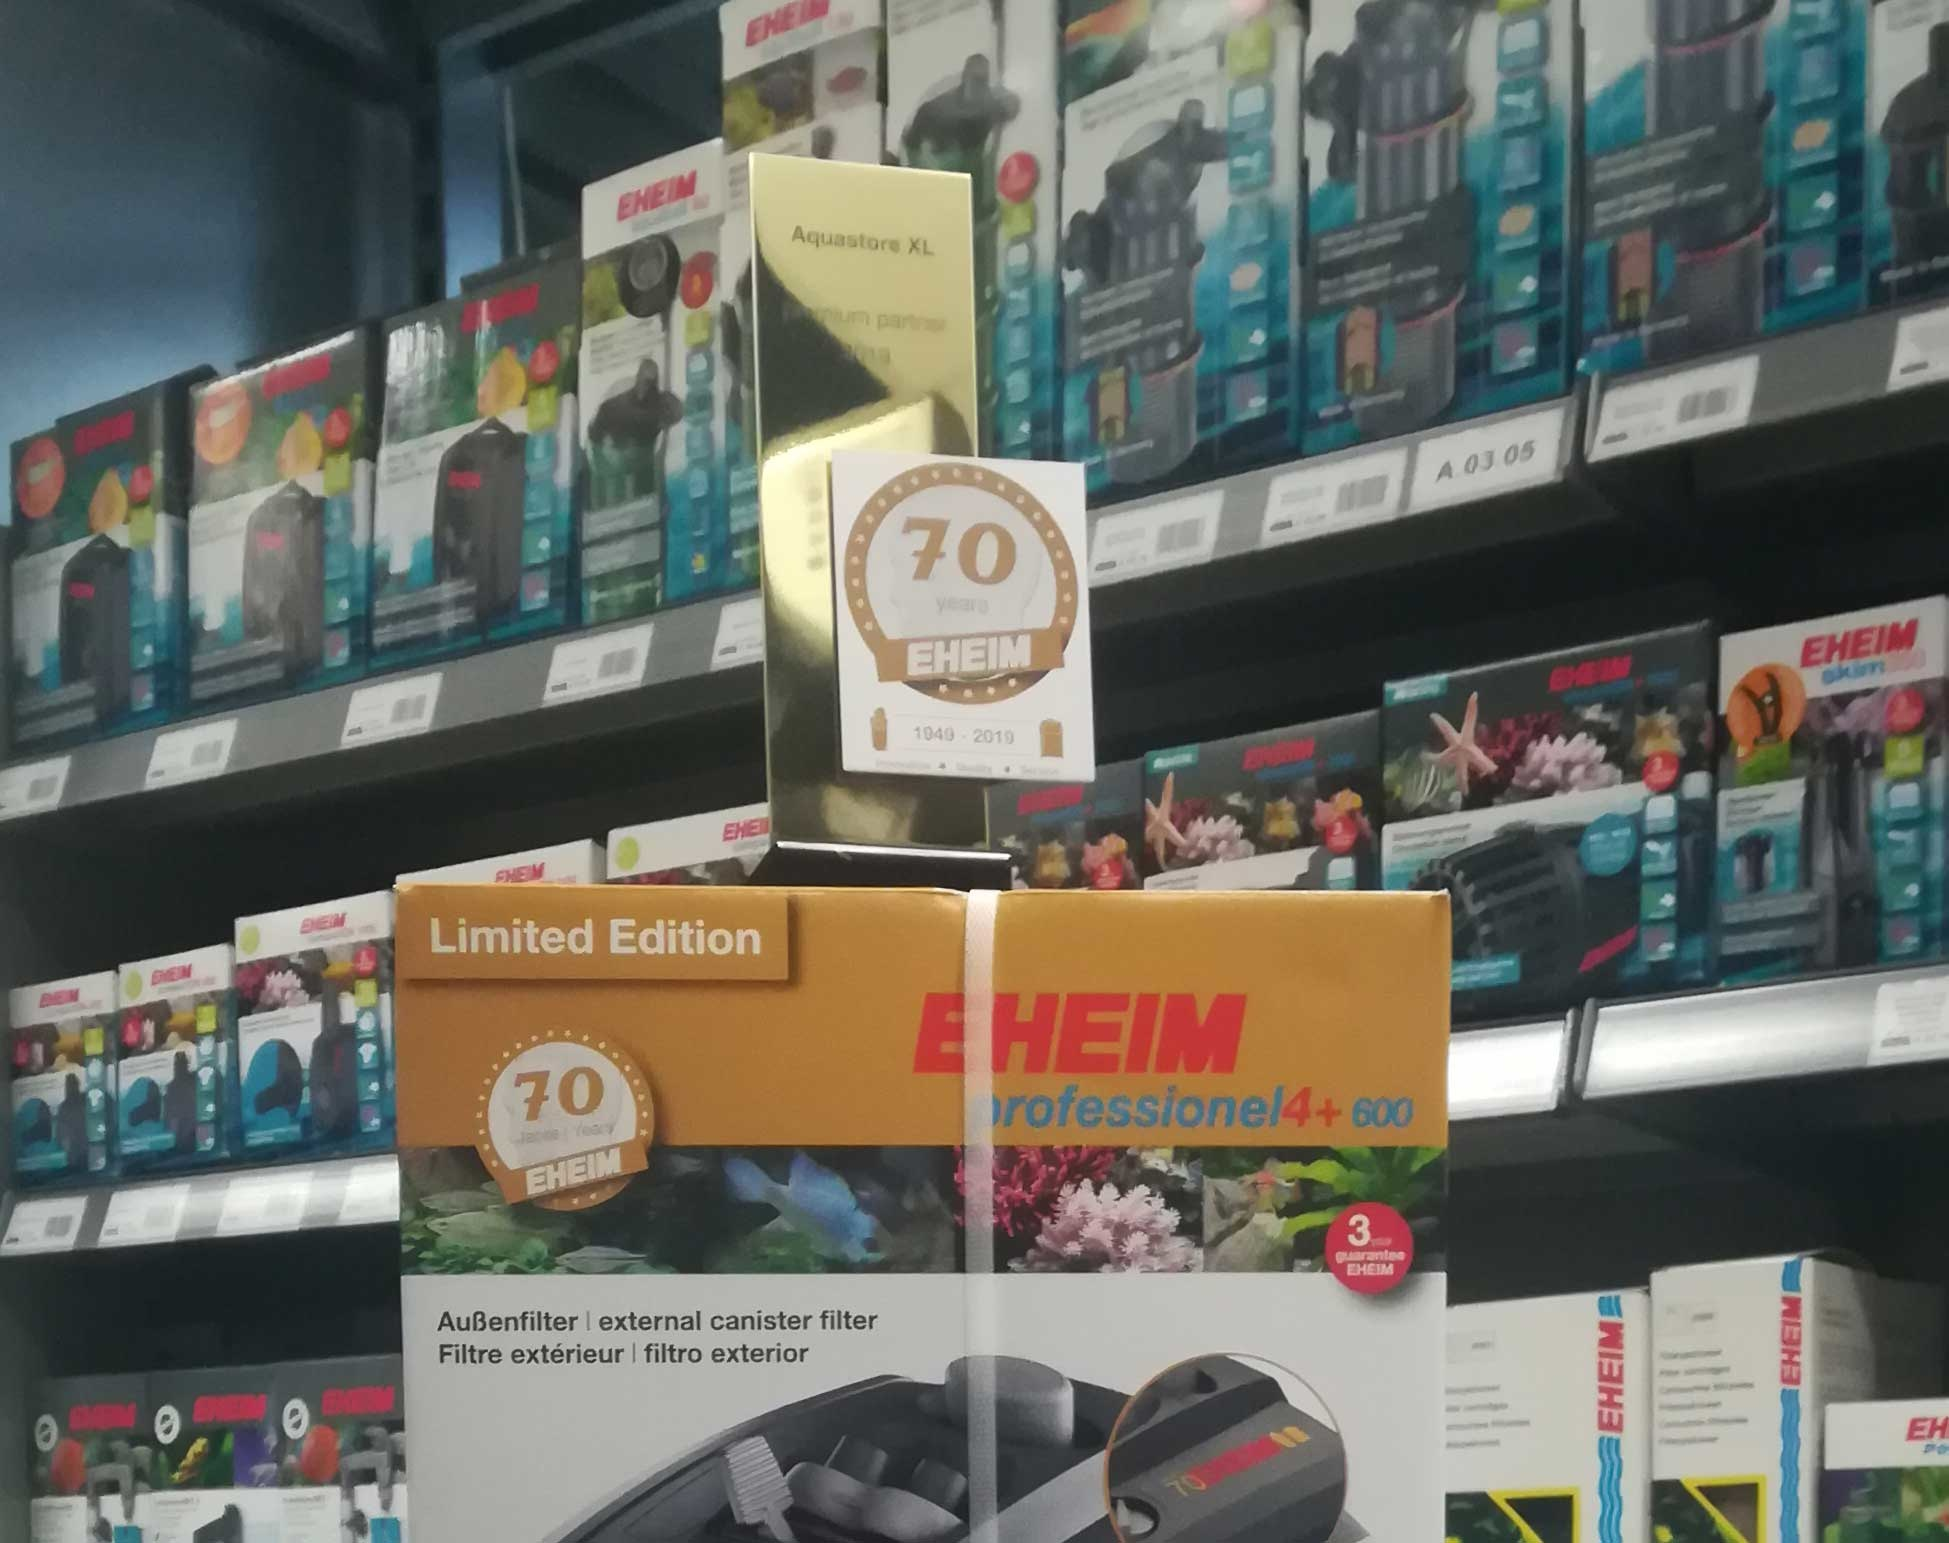 EHEIM Premium Partner